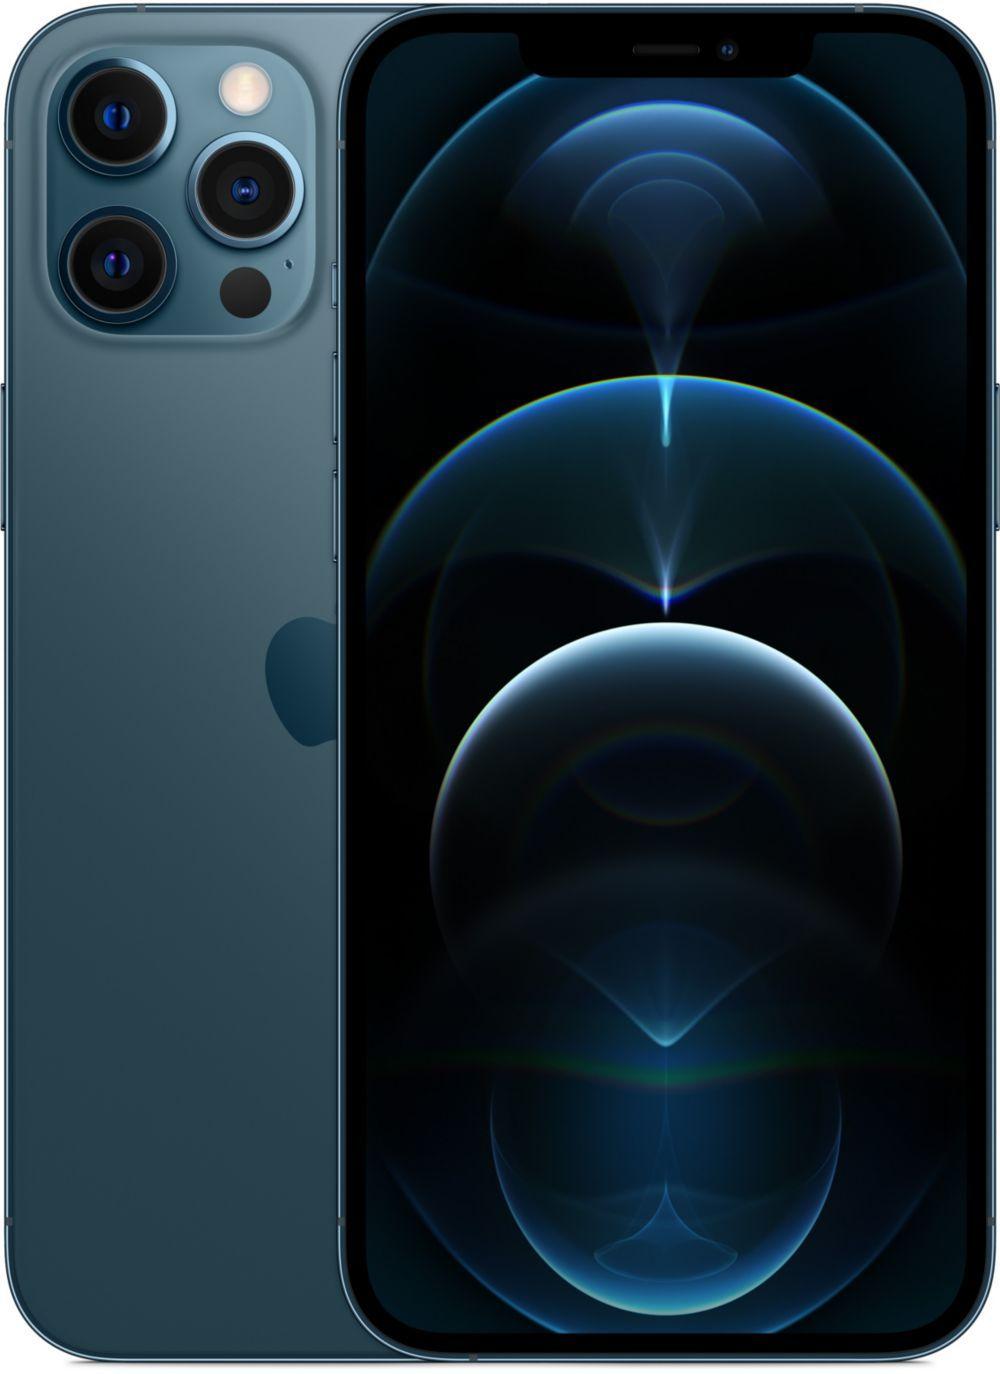 """Smartphone 6.7"""" Apple iPhone 12 Pro Max - 128 Go (Modèle japonais avec son photo)"""